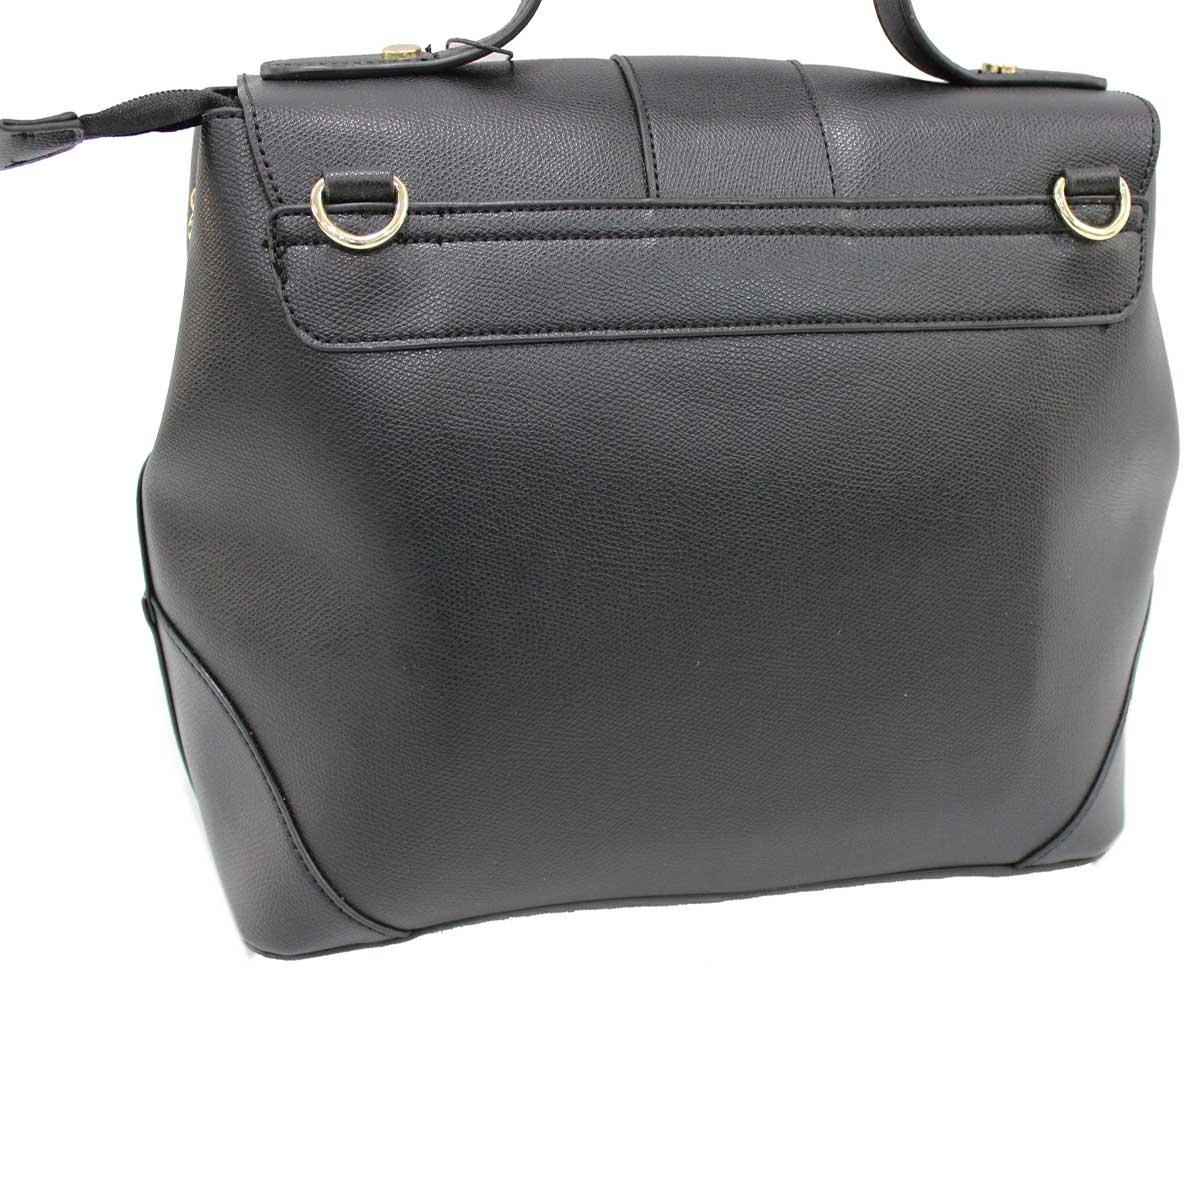 ... Borsa donna in SIMILPELLE shopping a mano LANCETTI linea classic 7514  nero Colore  ... 993a006152d